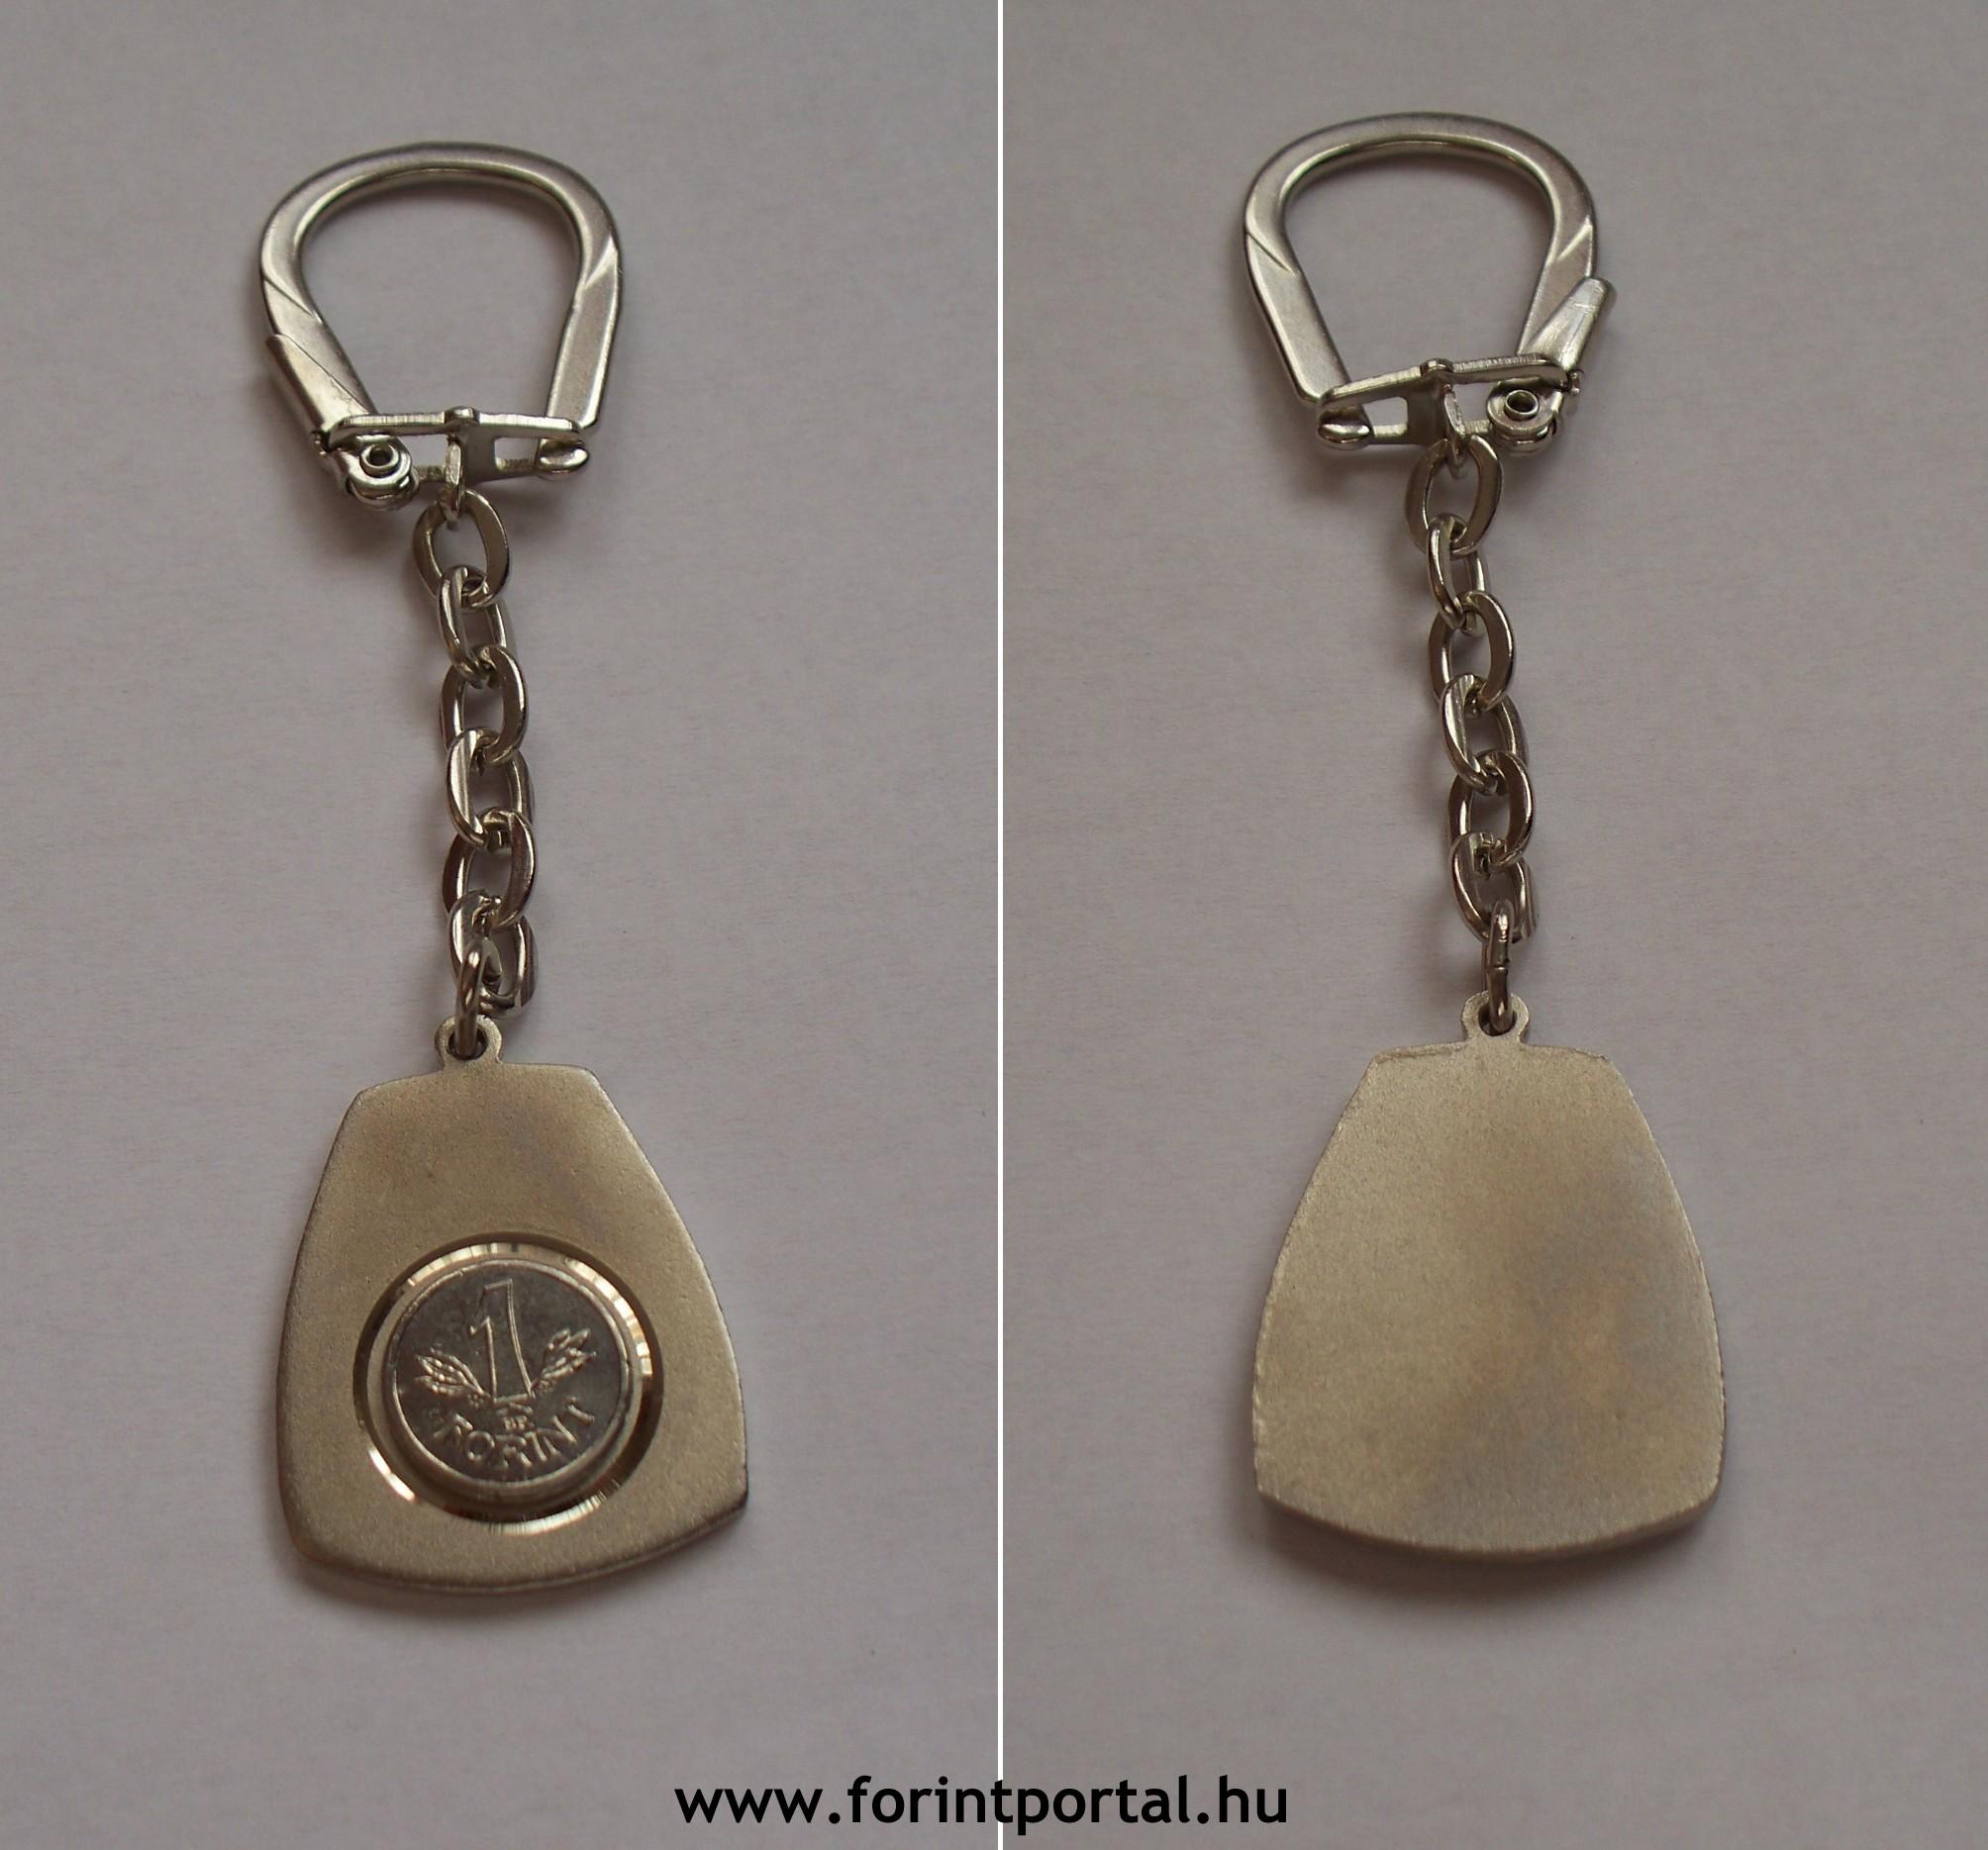 http://www.forintportal.hu/hirek/mini-1-forintos-kulcstartok/mini-1-forintos-kulcstartok-apv-allami-penzvero-kromozott-1ft.jpg